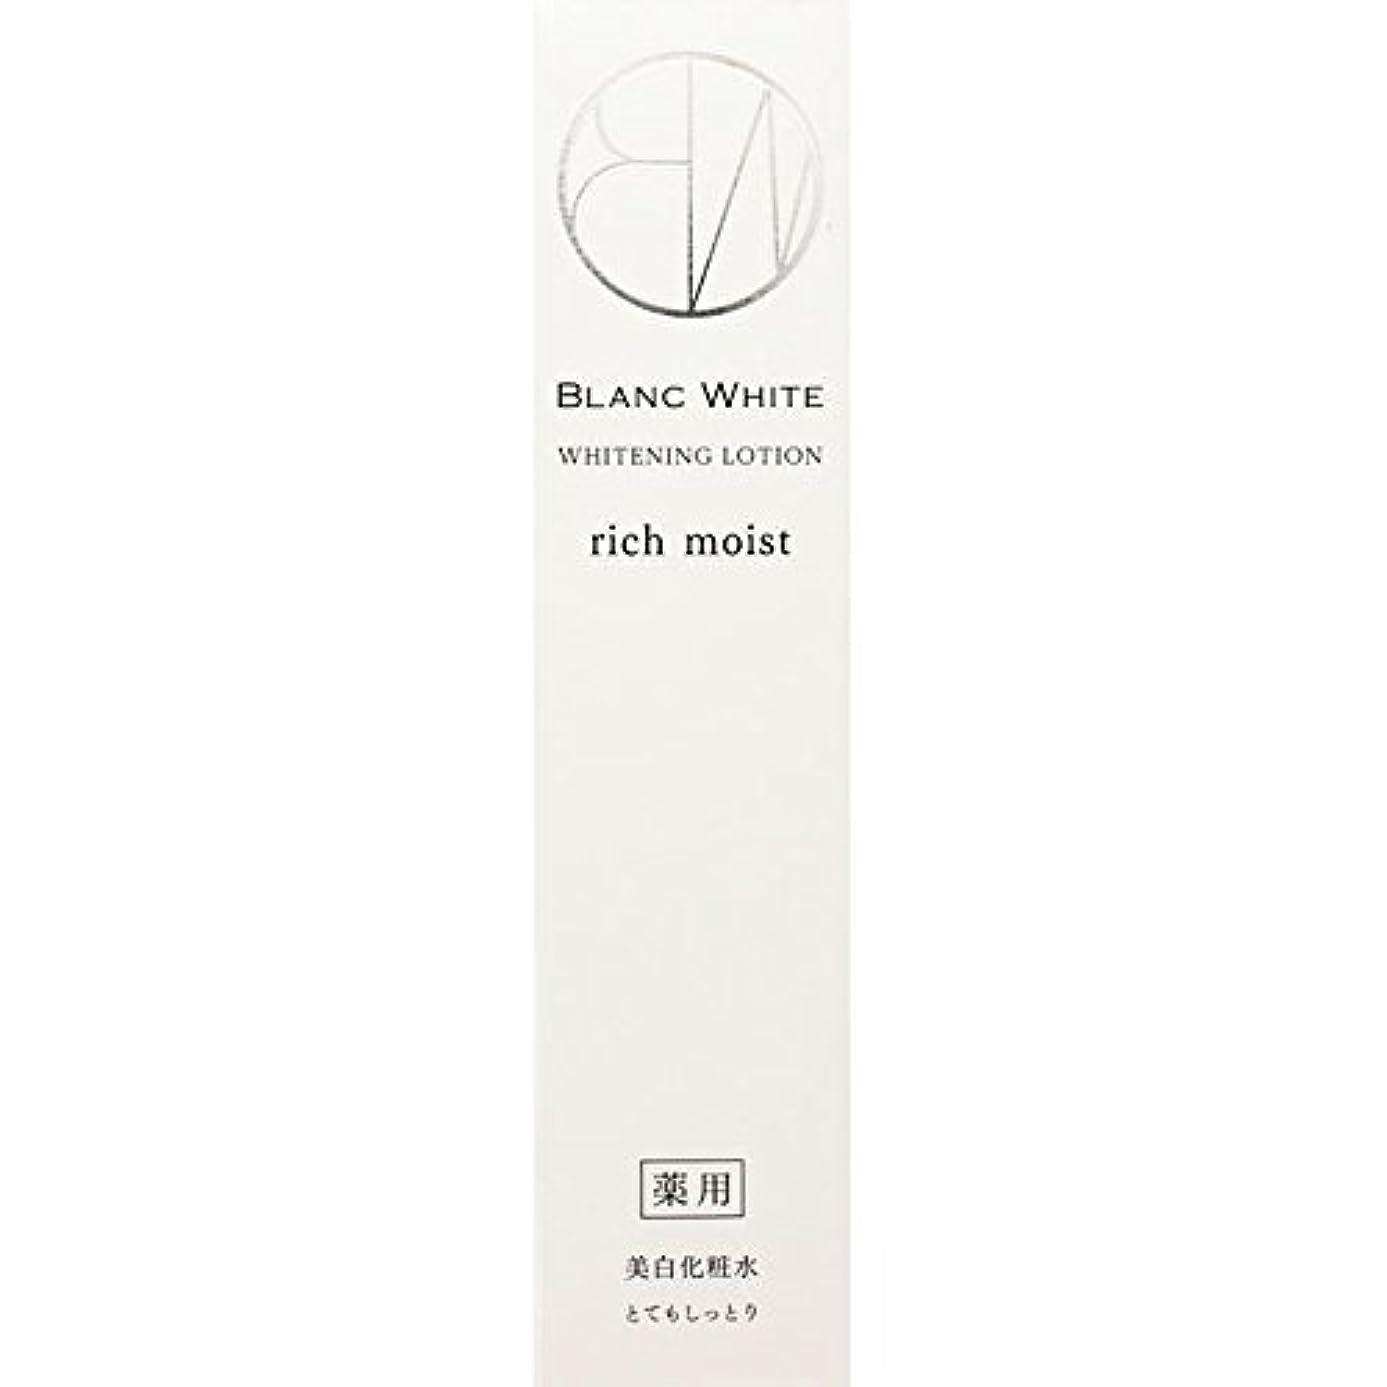 また宿命パケットナリス化粧品 ブランホワイト ホワイトニングローション リッチモイスト 160ml (医薬部外品)